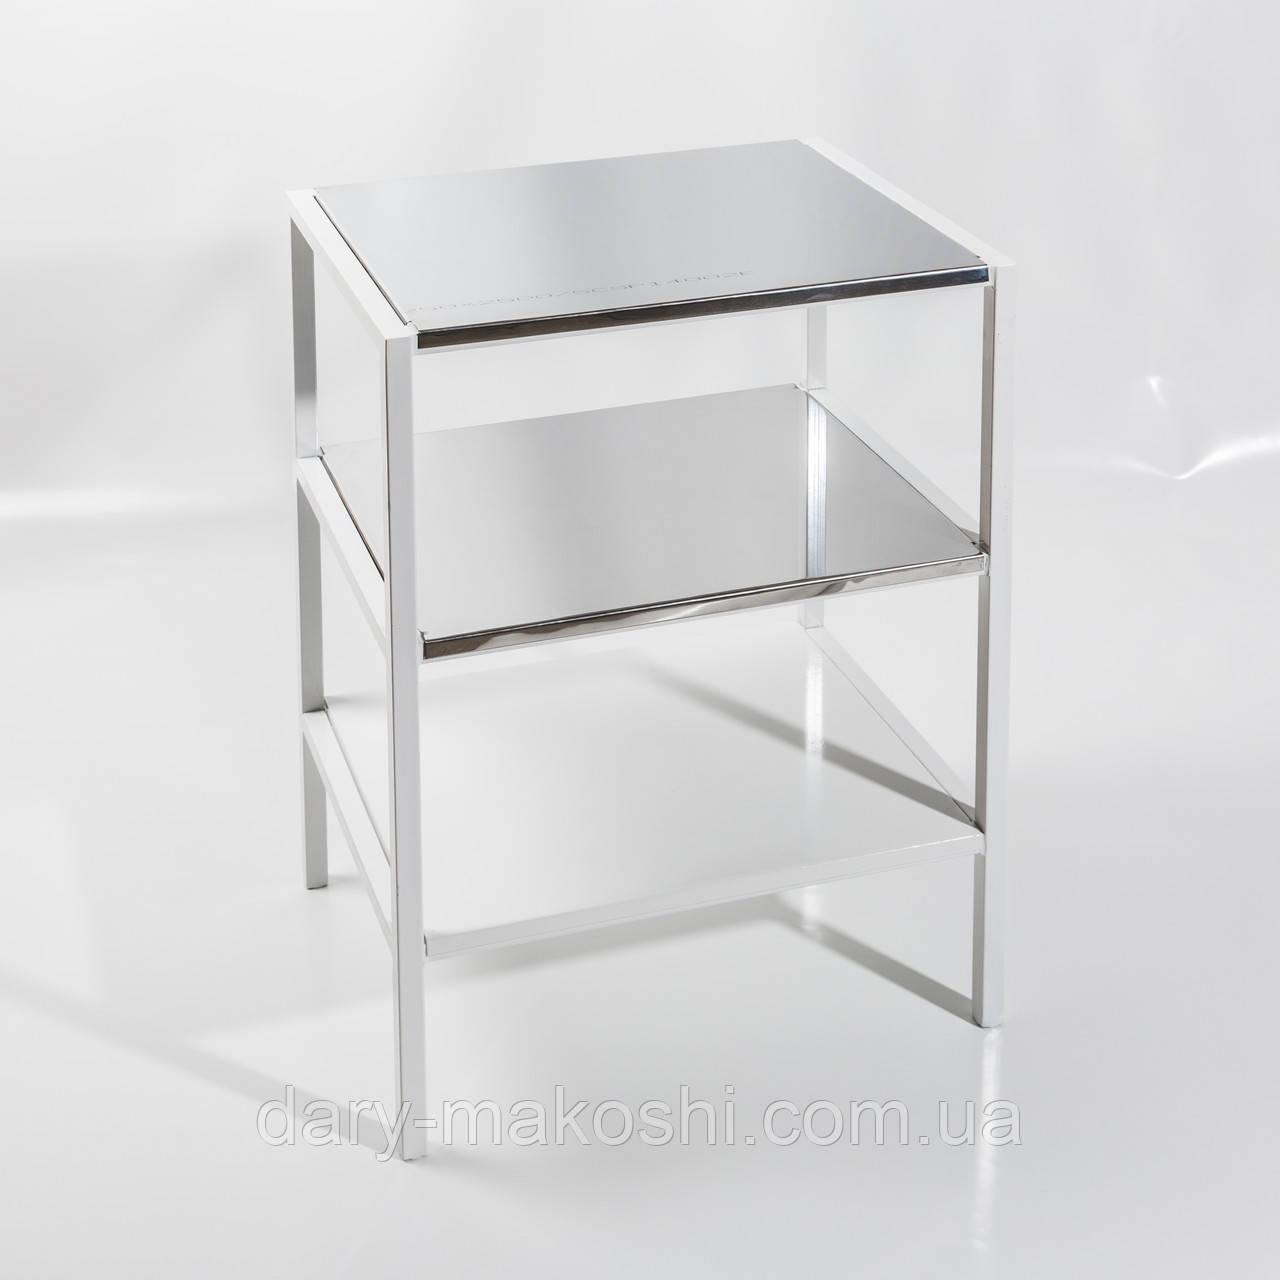 Столик-накопитель СТ-Н-Н